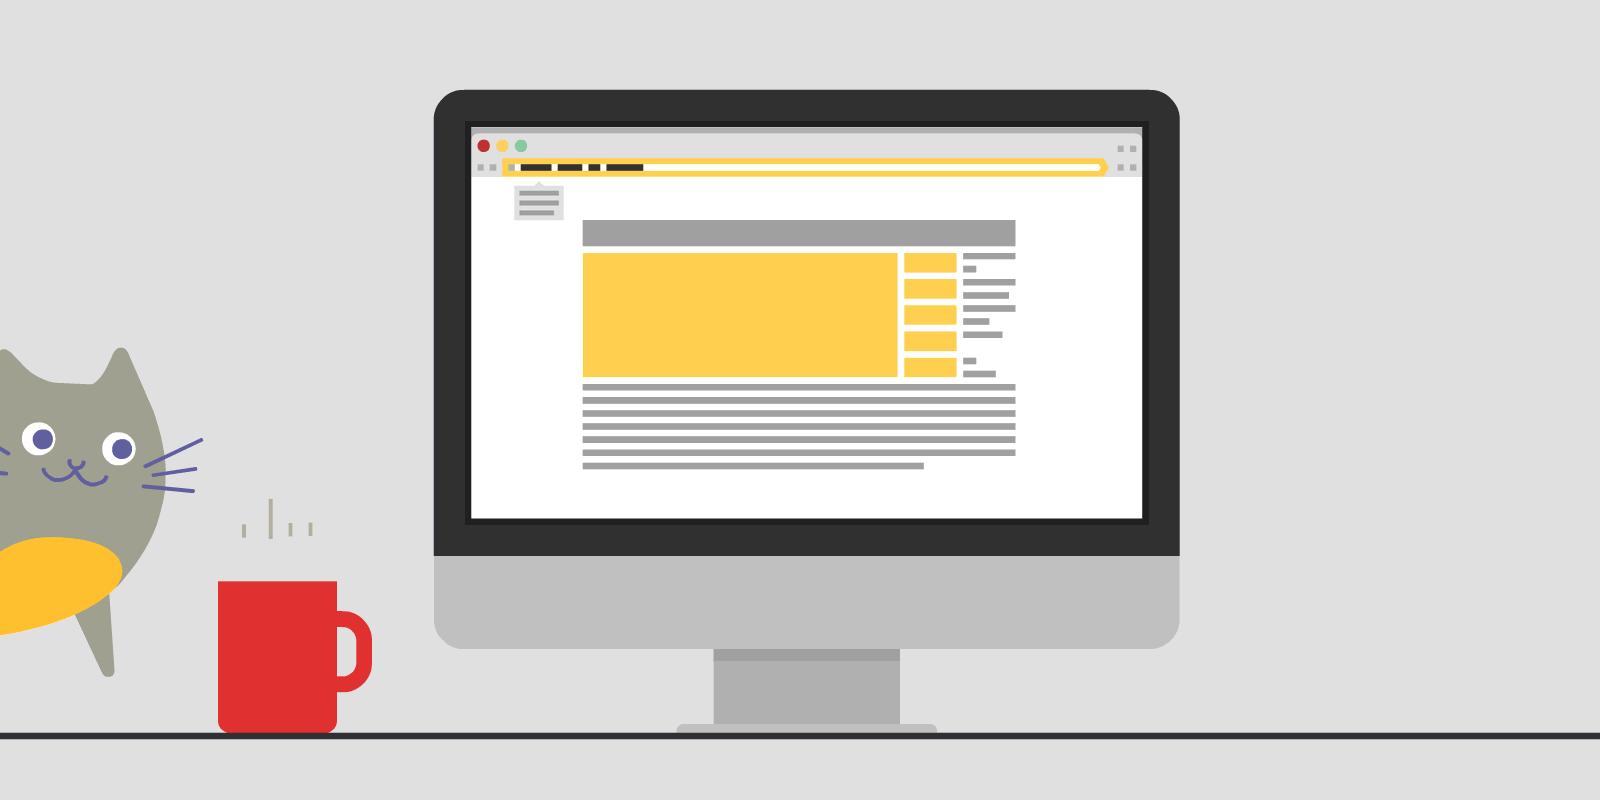 Как обучить пользователя и не свести его с ума. Опыт Яндекс.Браузера